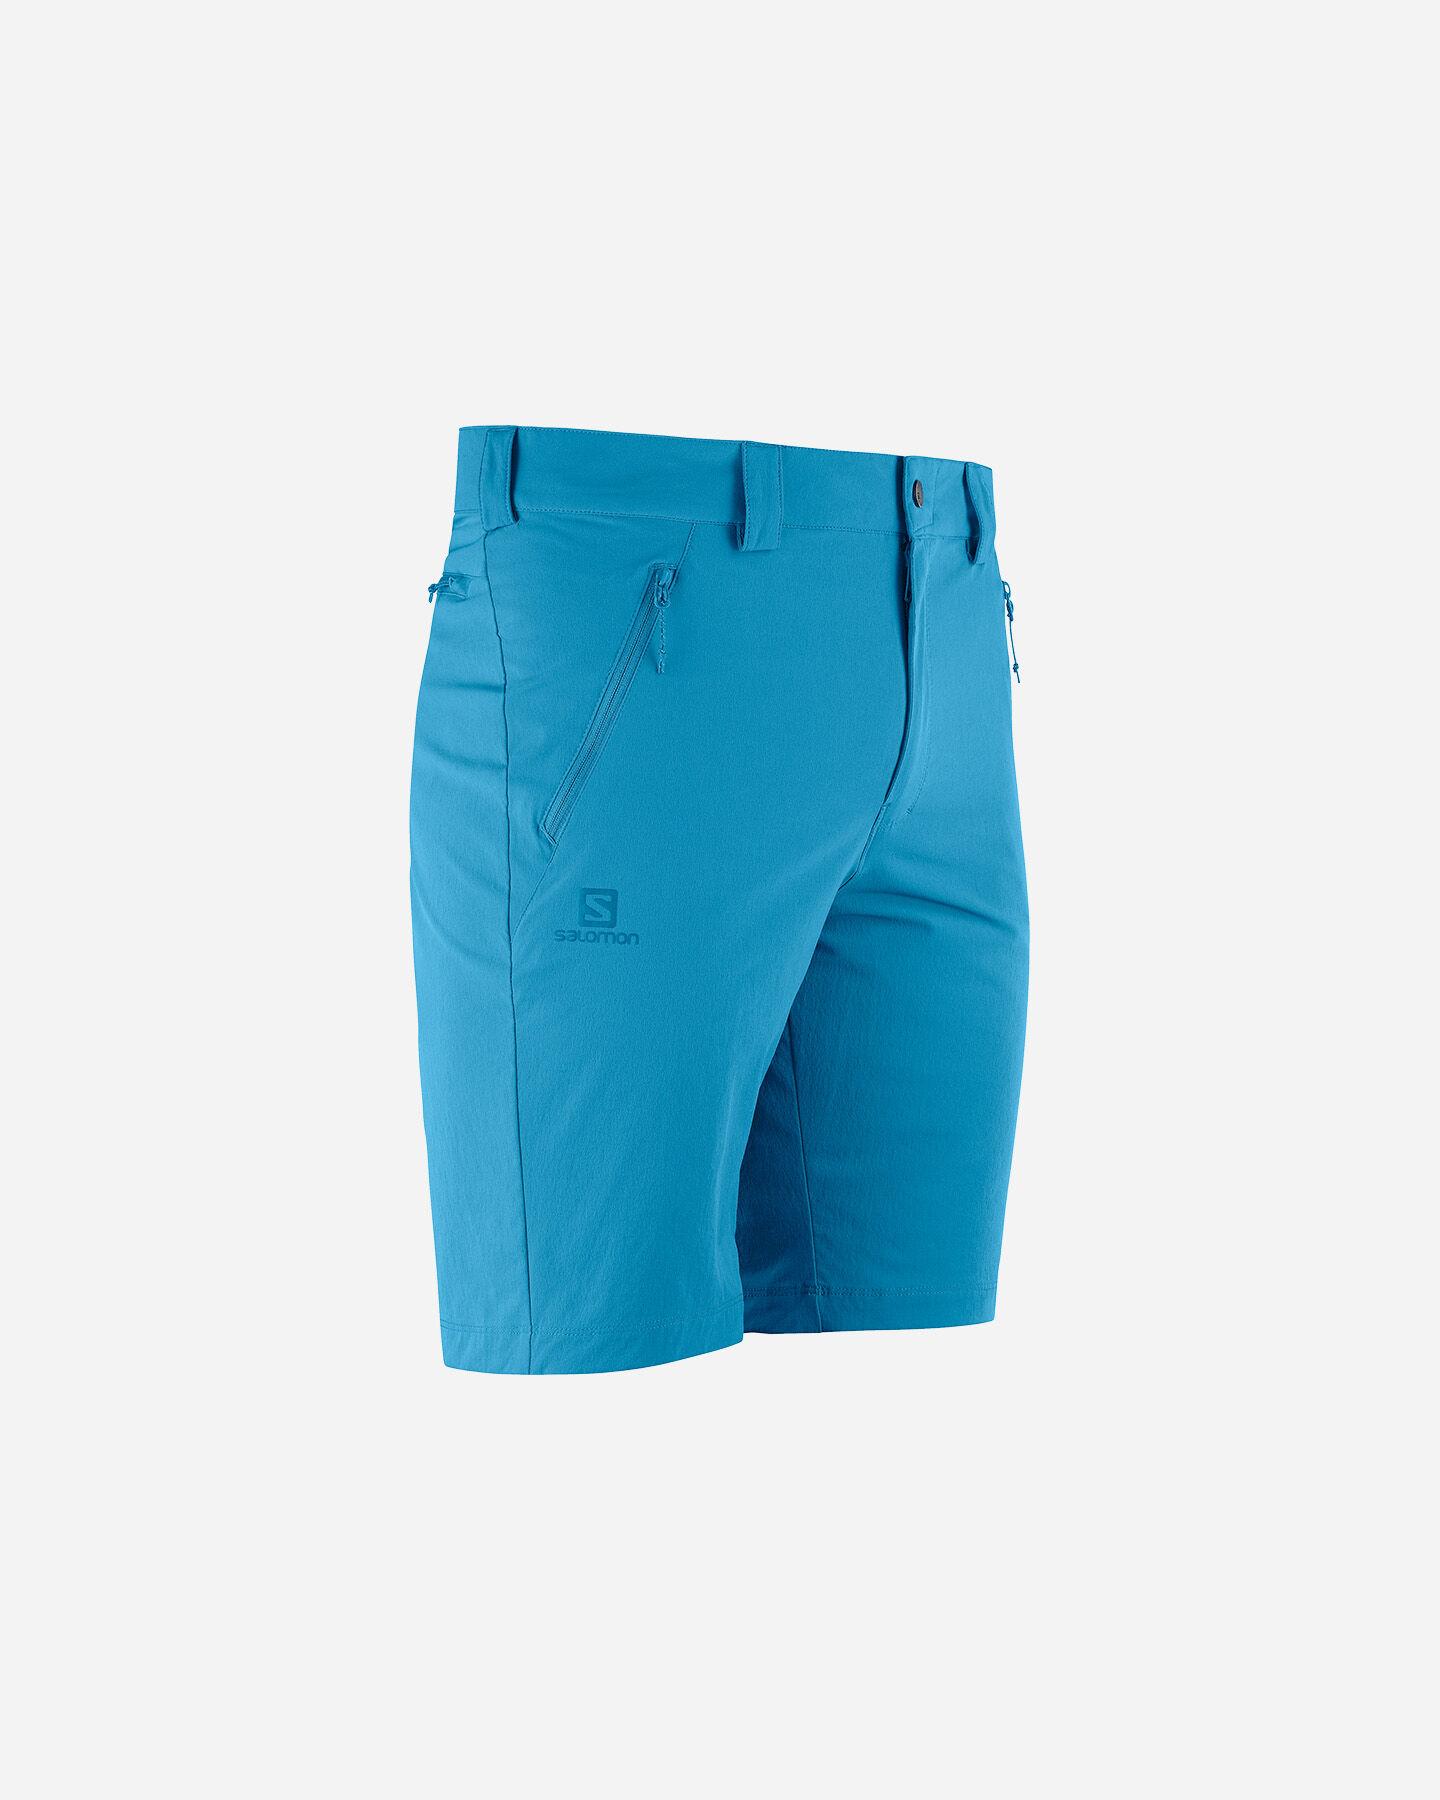 Pantaloncini SALOMON WAYFARER LT M S5173976 scatto 2